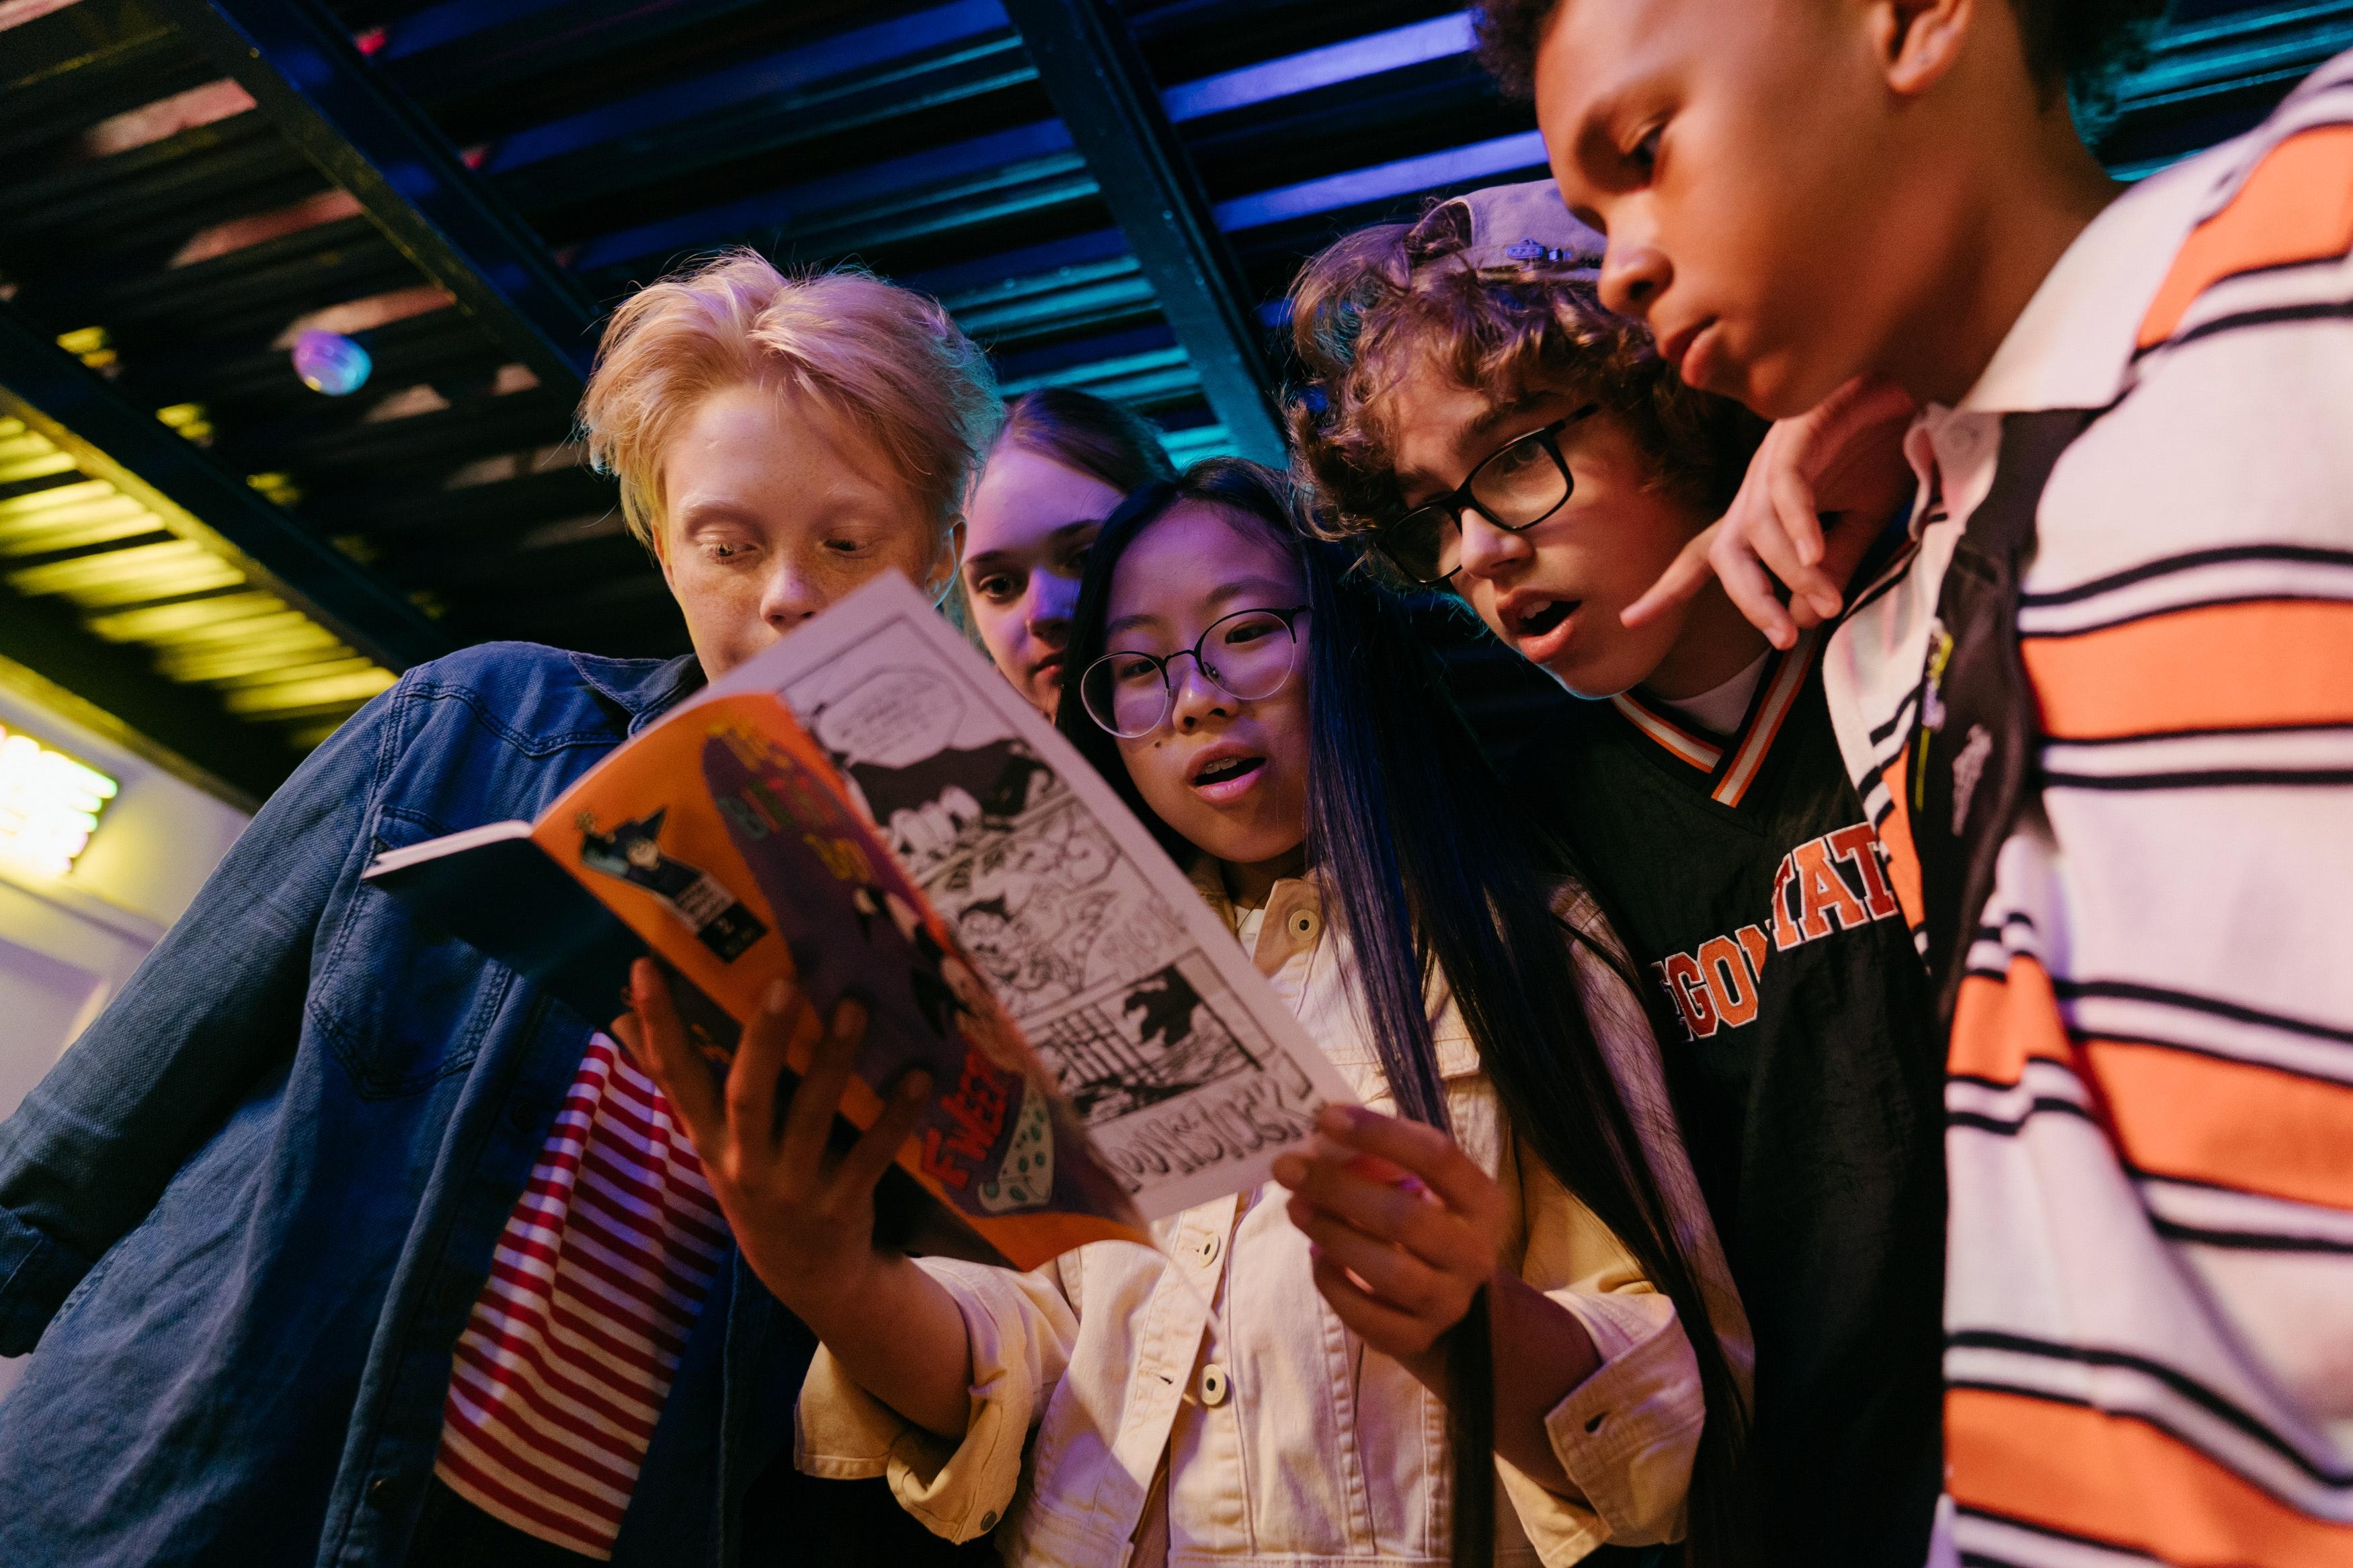 EInige Kinder sehen fasziniert ein Comic an